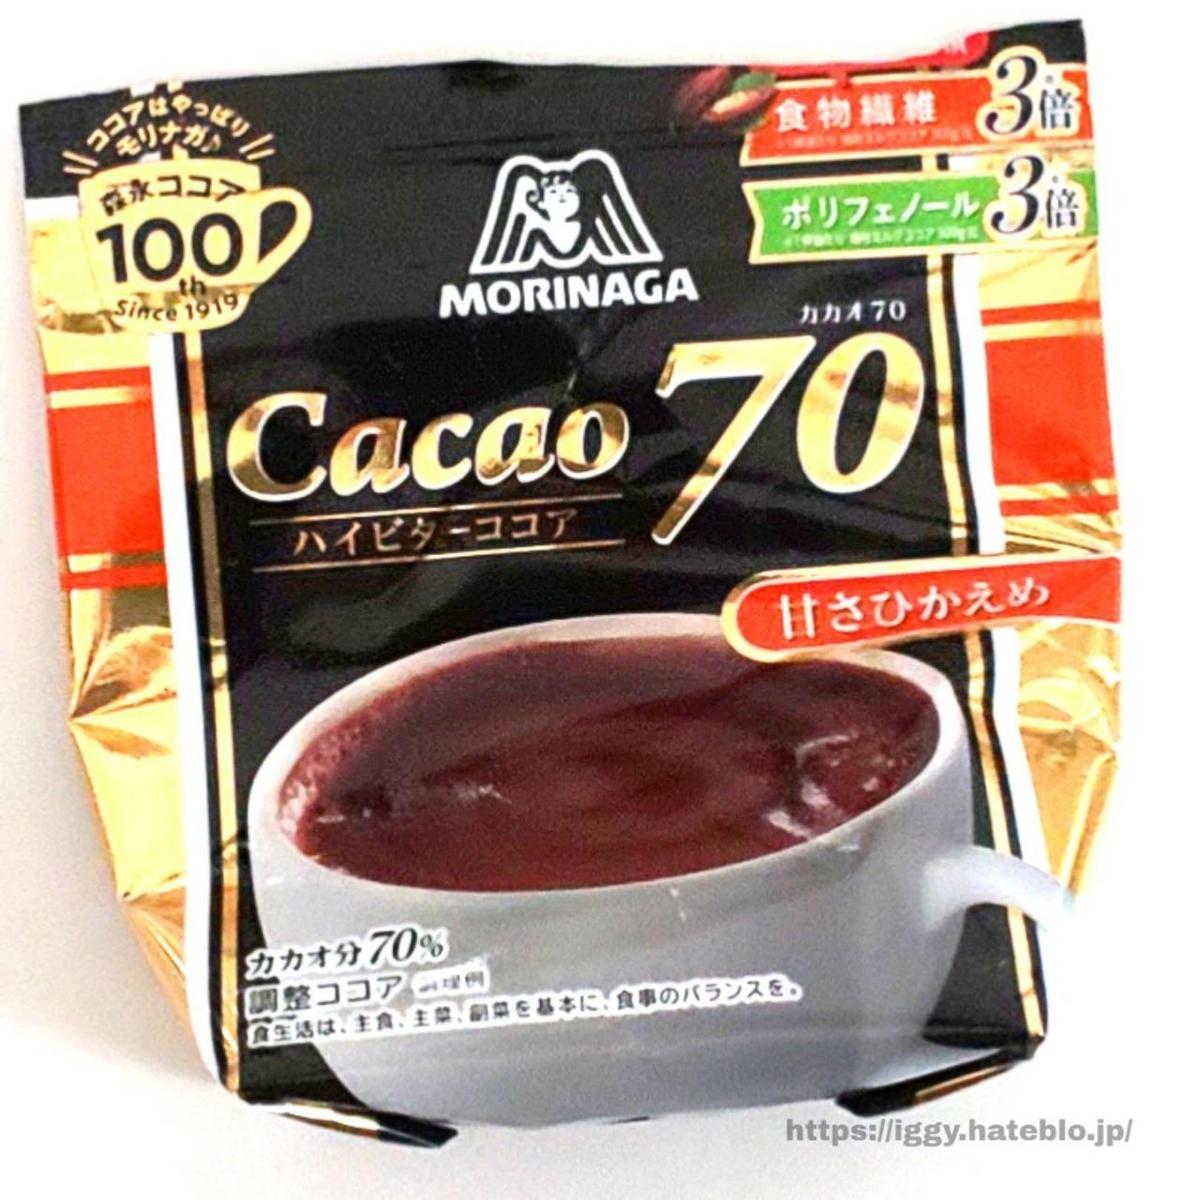 森永ココア カカオ70 iggy2019